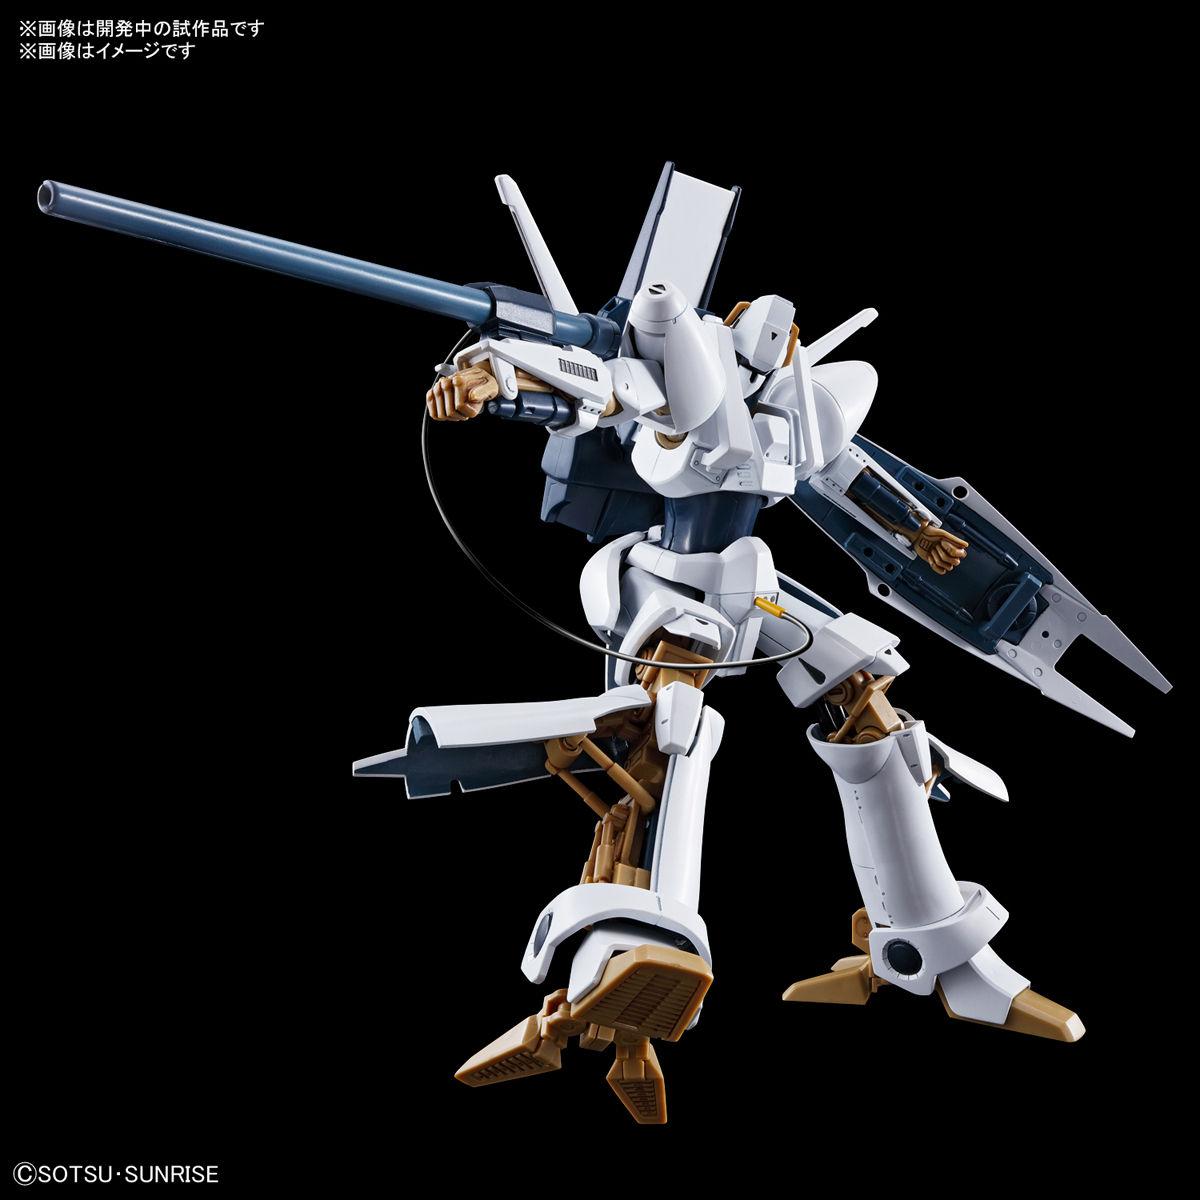 HG 1/144『エルガイム』重戦機エルガイム プラモデル-002